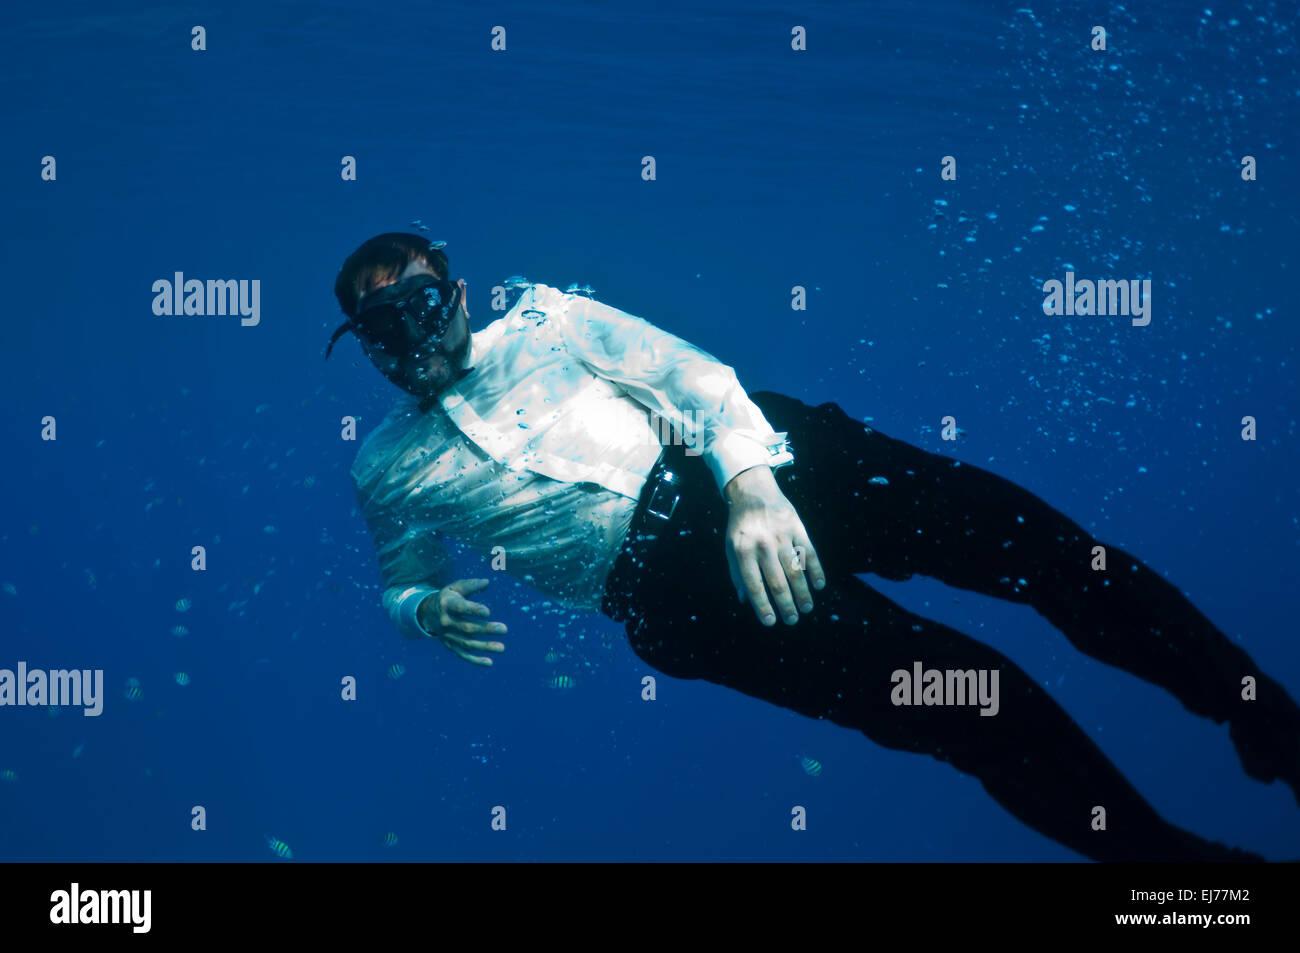 bizarre underwater men - Stock Image